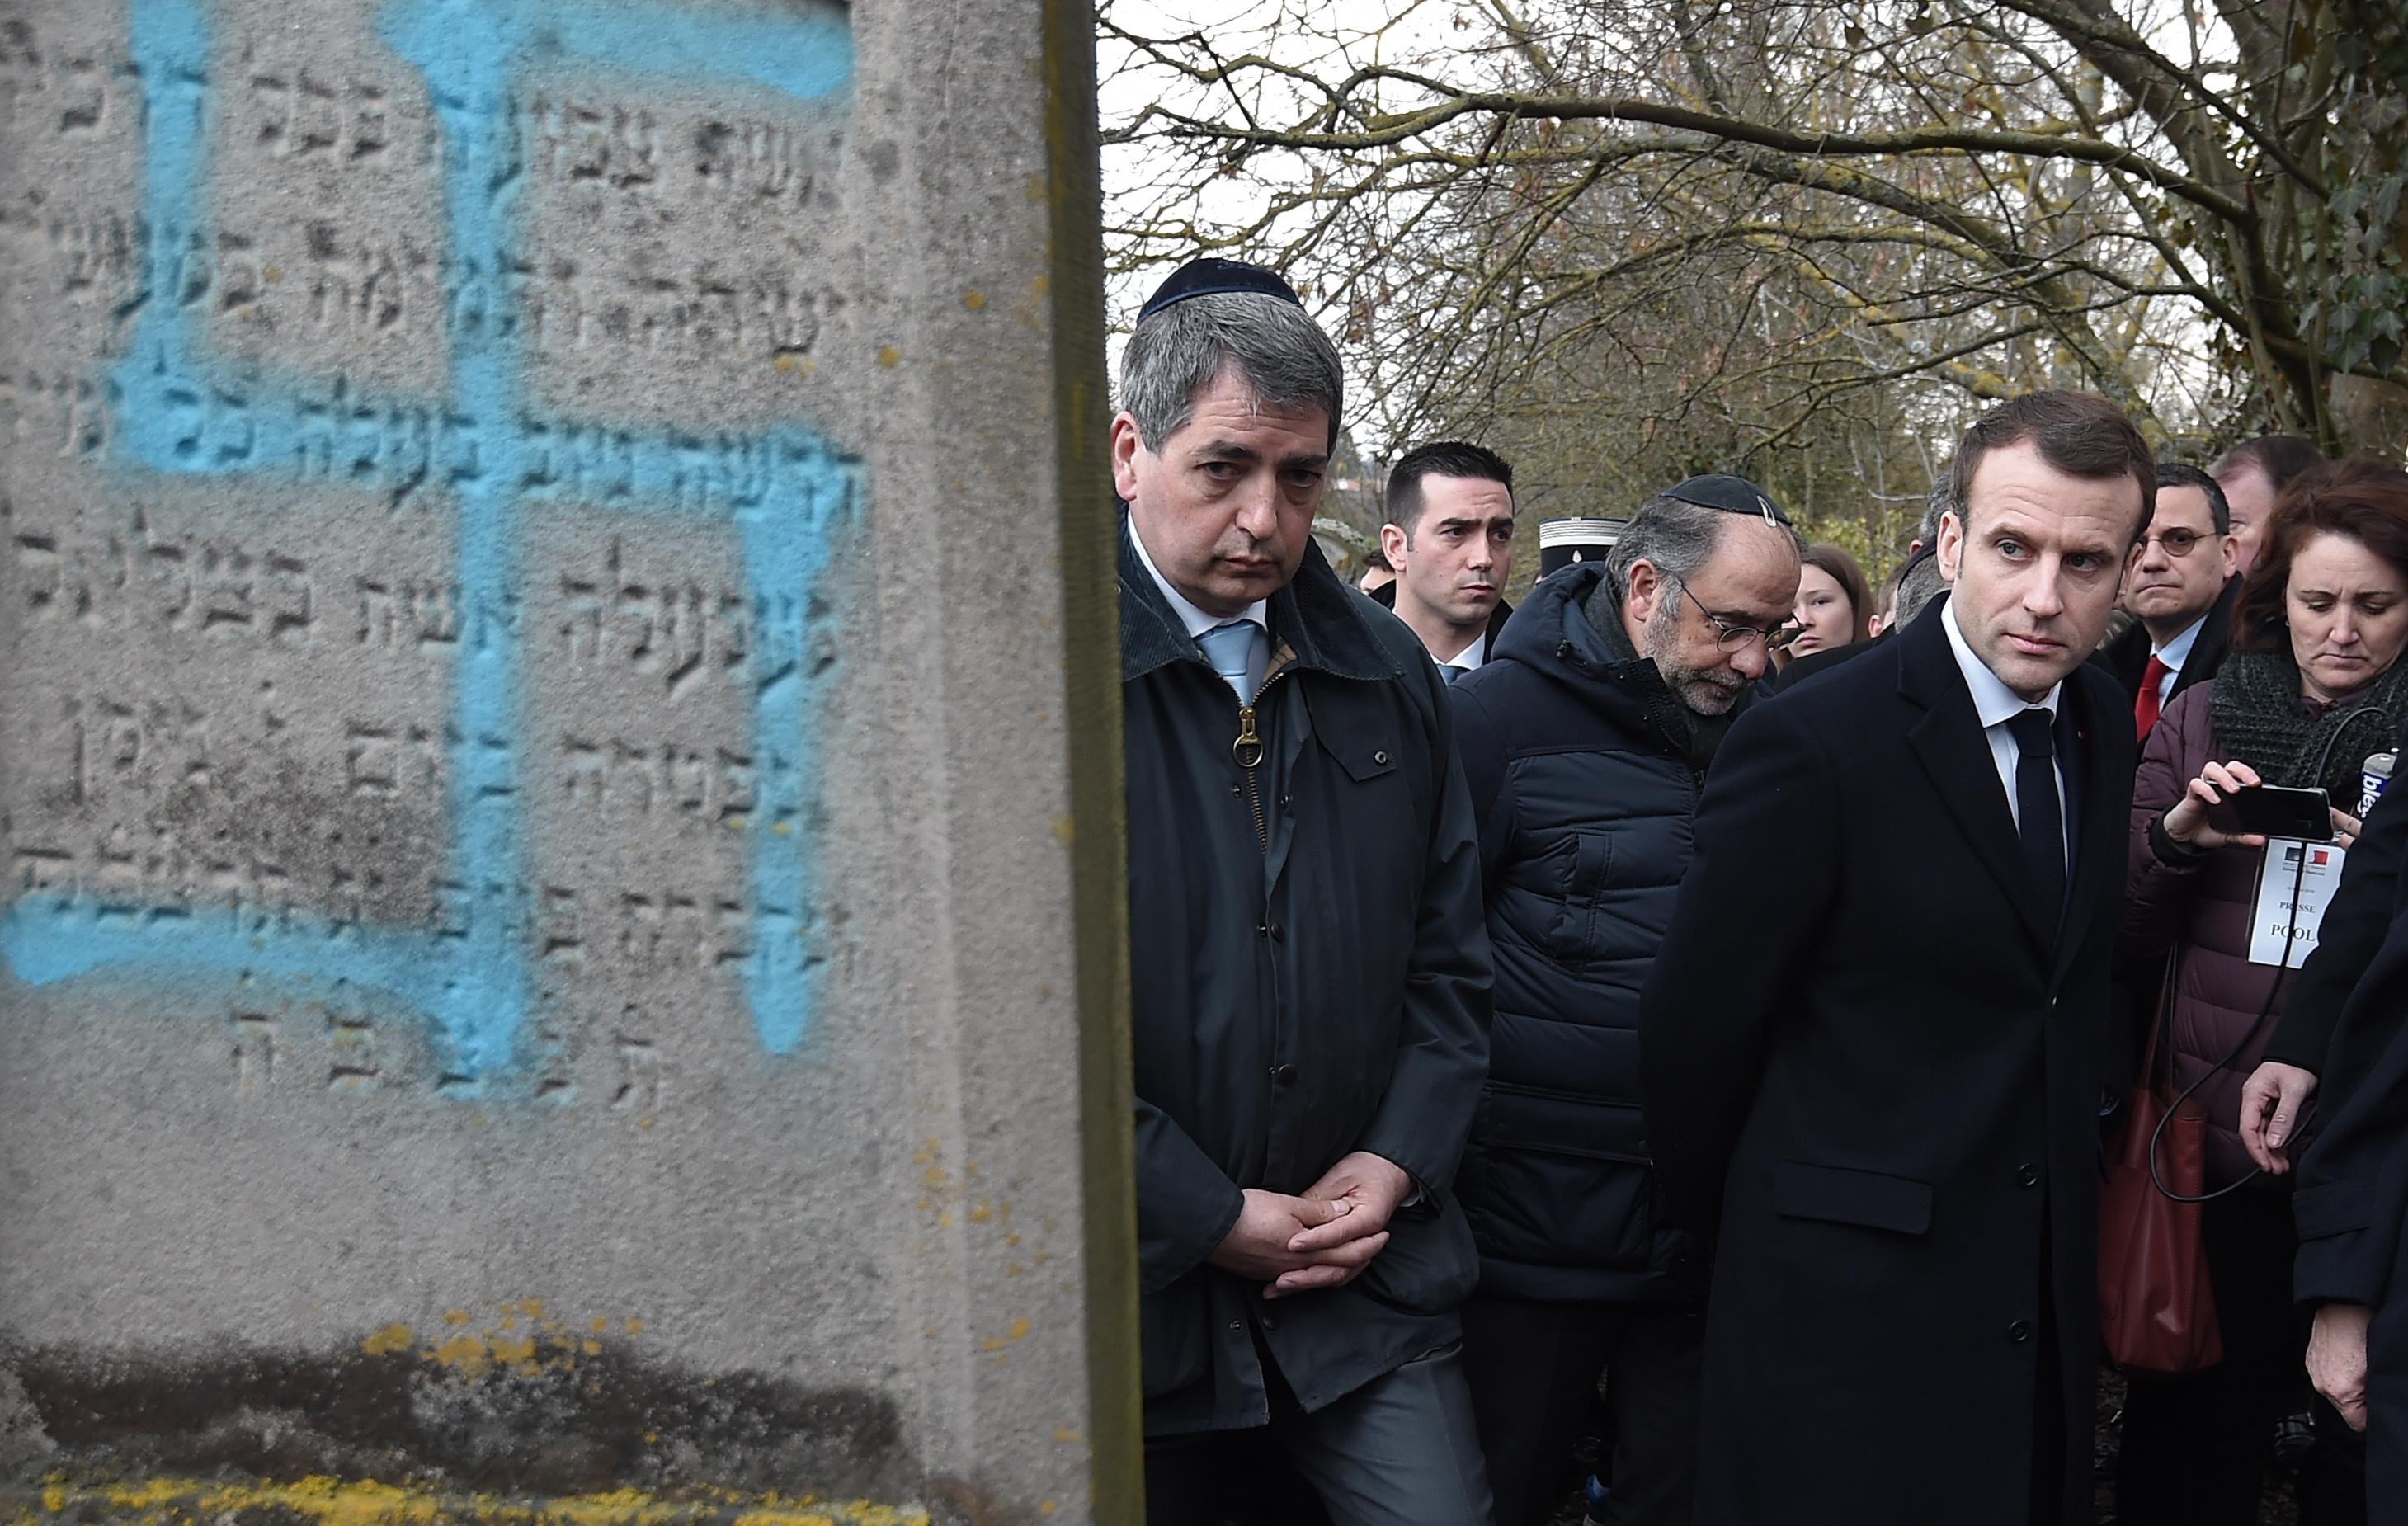 Кулминацията бе достигната, след като вандали надраскаха със свастики и антиеврейски лозунги десетки еврейски гробове в източната част на страната